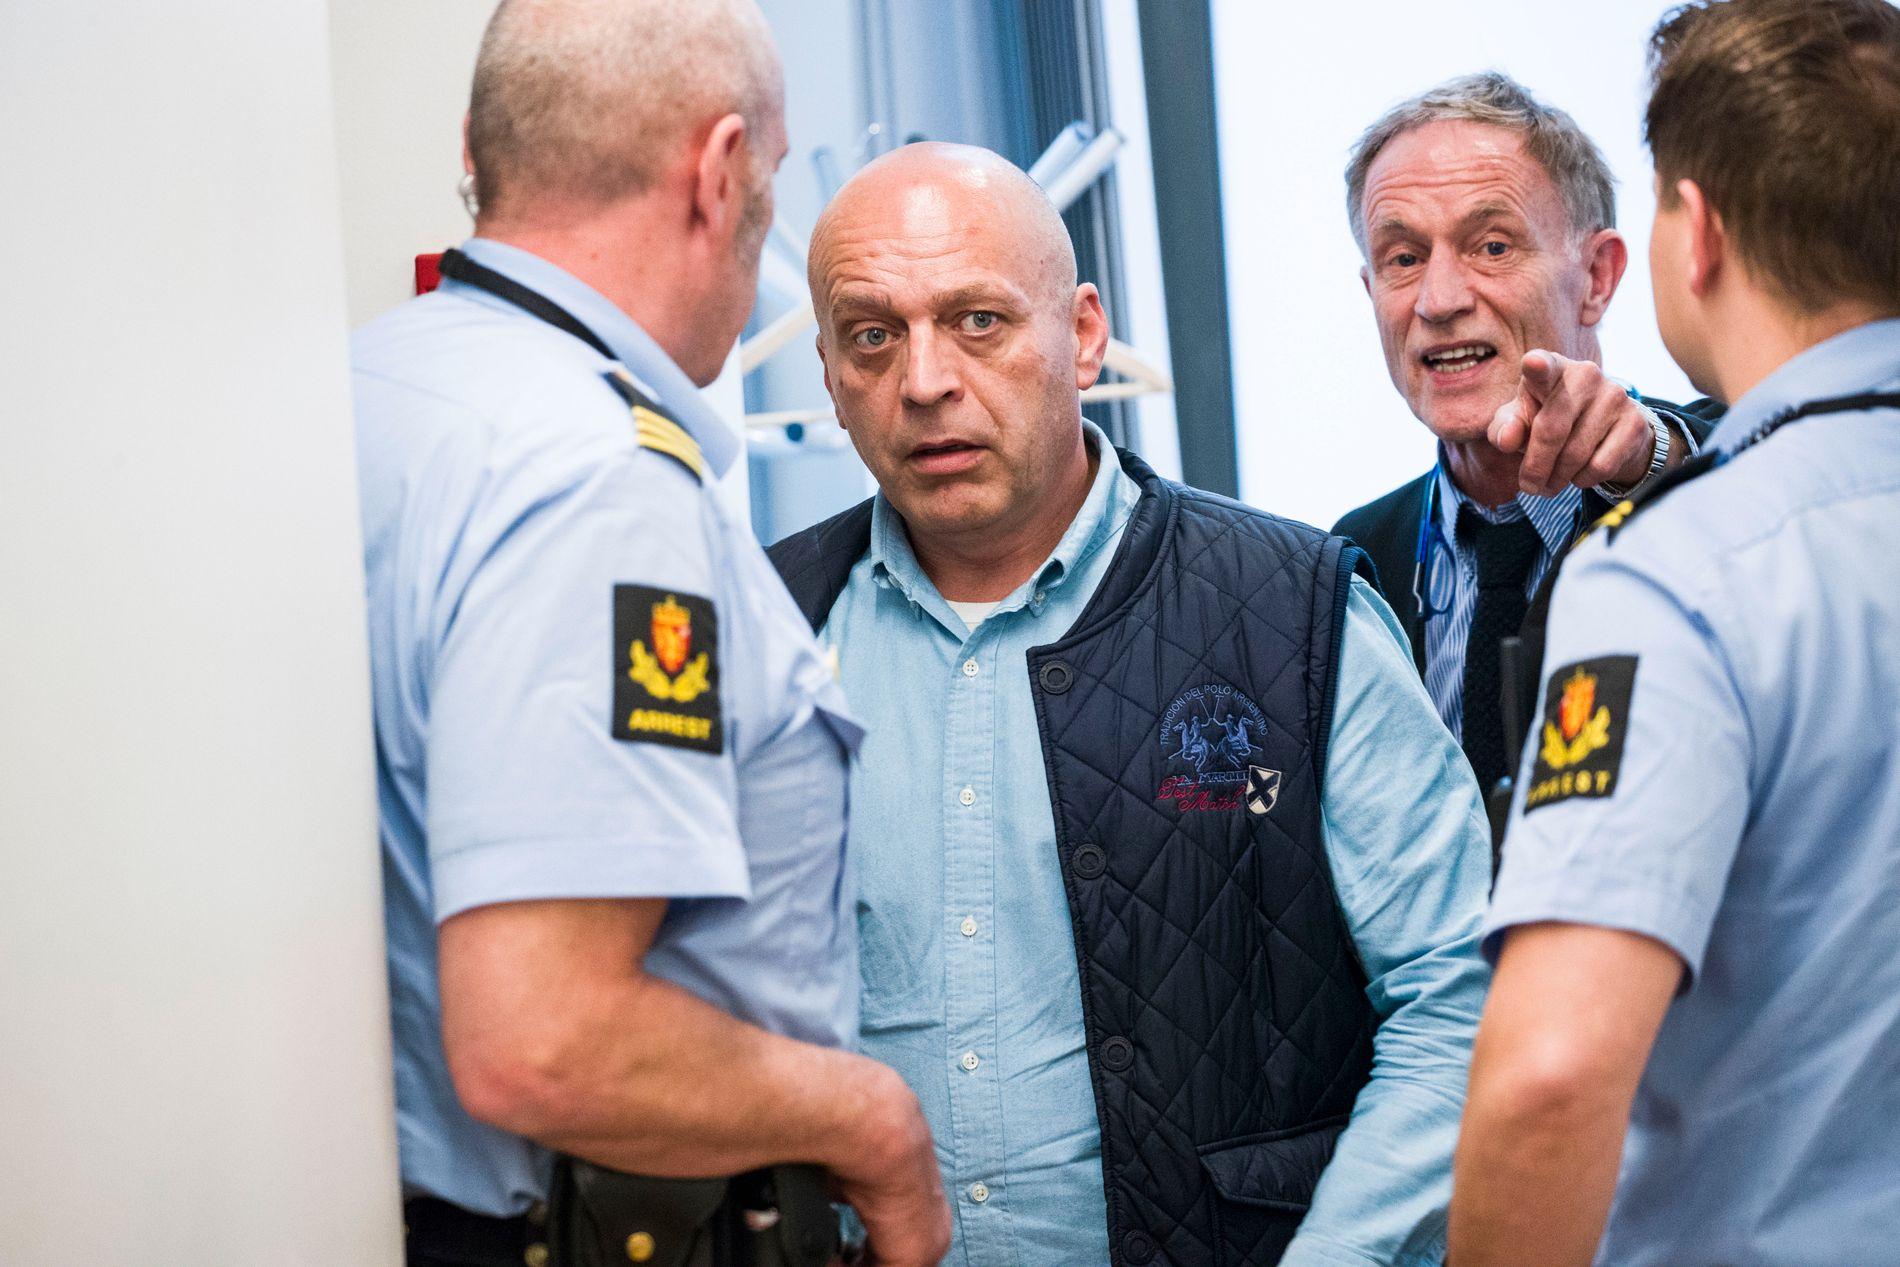 IKKE HELT FORNØYD: Gjermund Cappelen (50) har ikke tatt stilling til hvorvidt han vil anke dommen på 15 års fengsel. Her sammen med forsvarer Benedict de Vibe i Oslo tingrett.